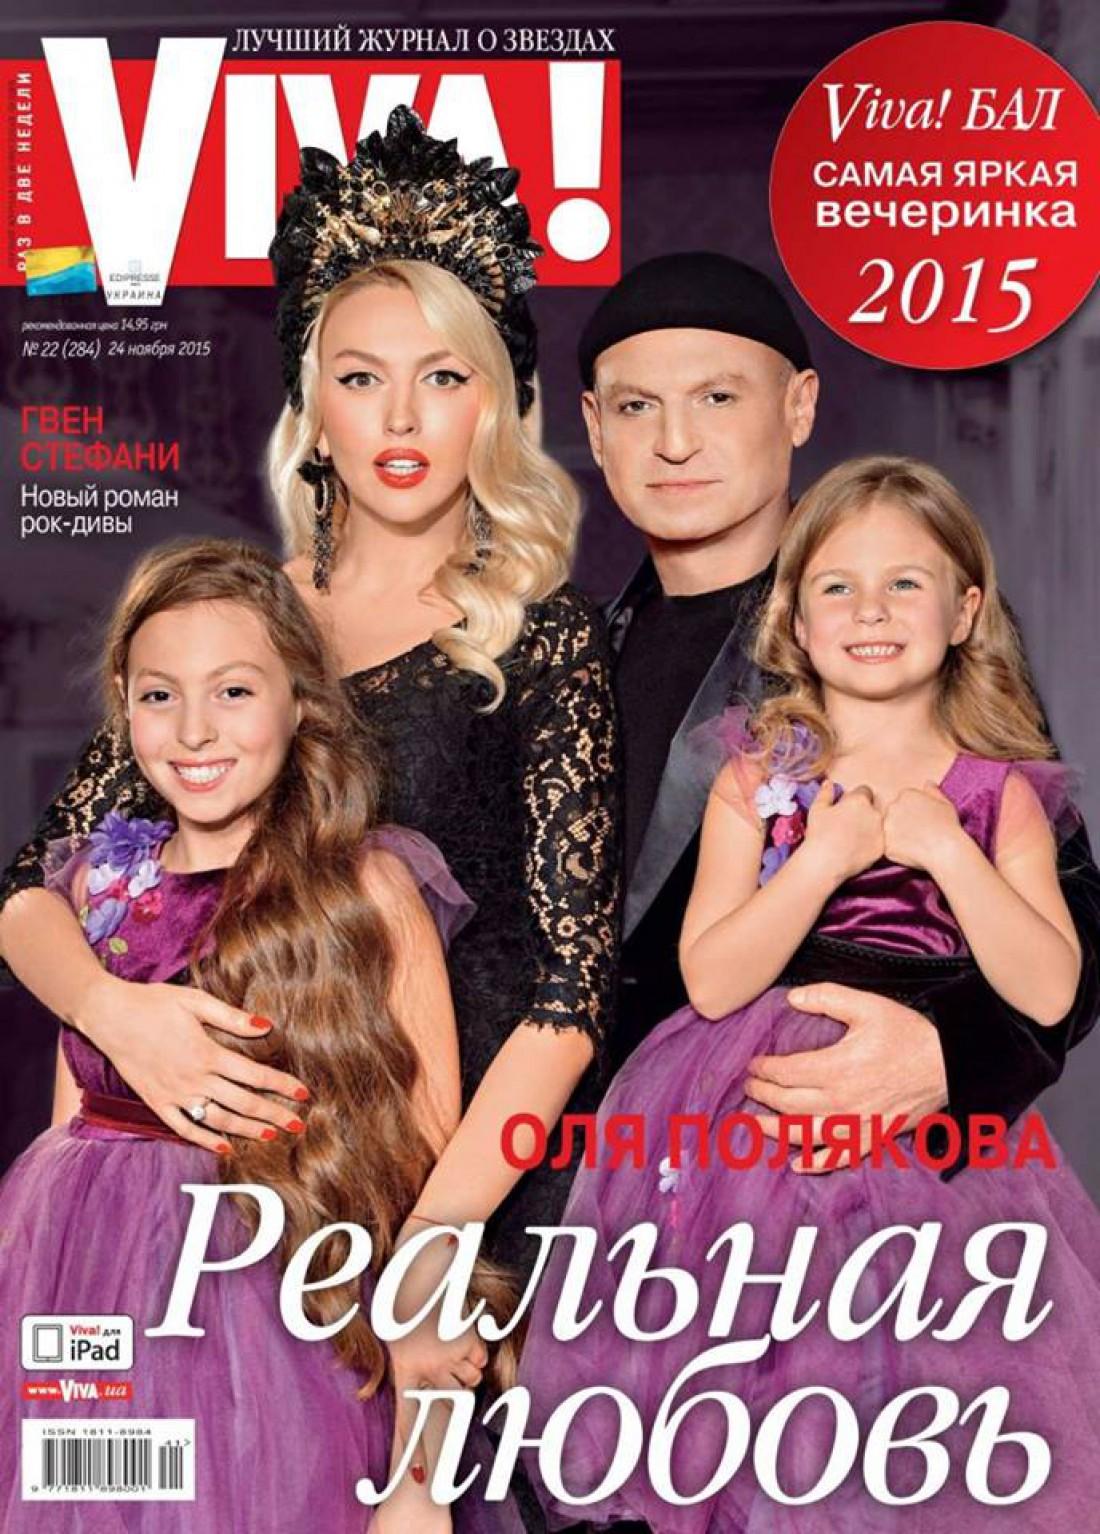 Оля Полякова вместе с семьей украсила обложку глянца